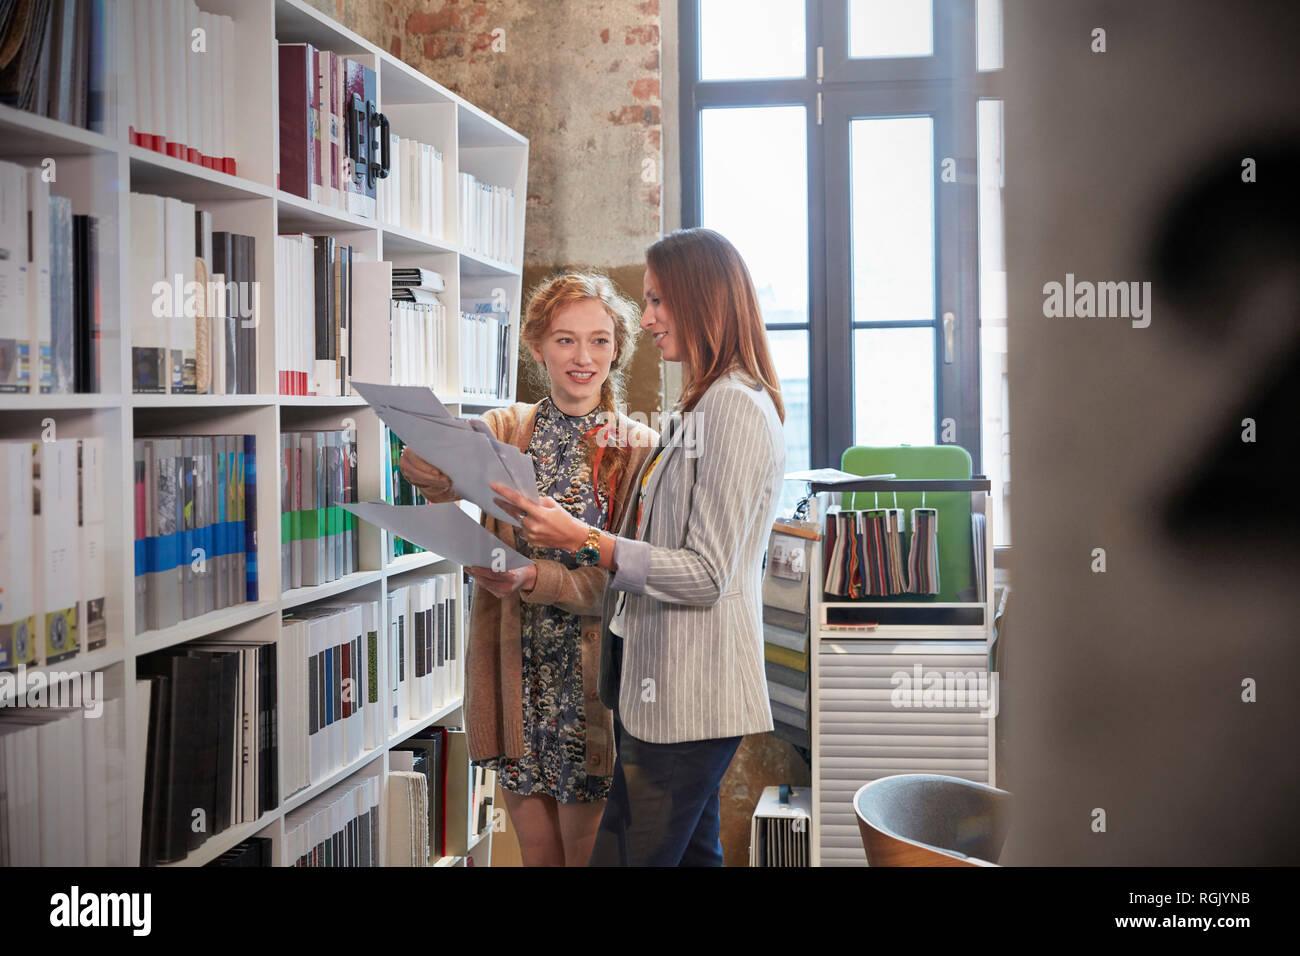 Two women choosing files in shelf in office - Stock Image